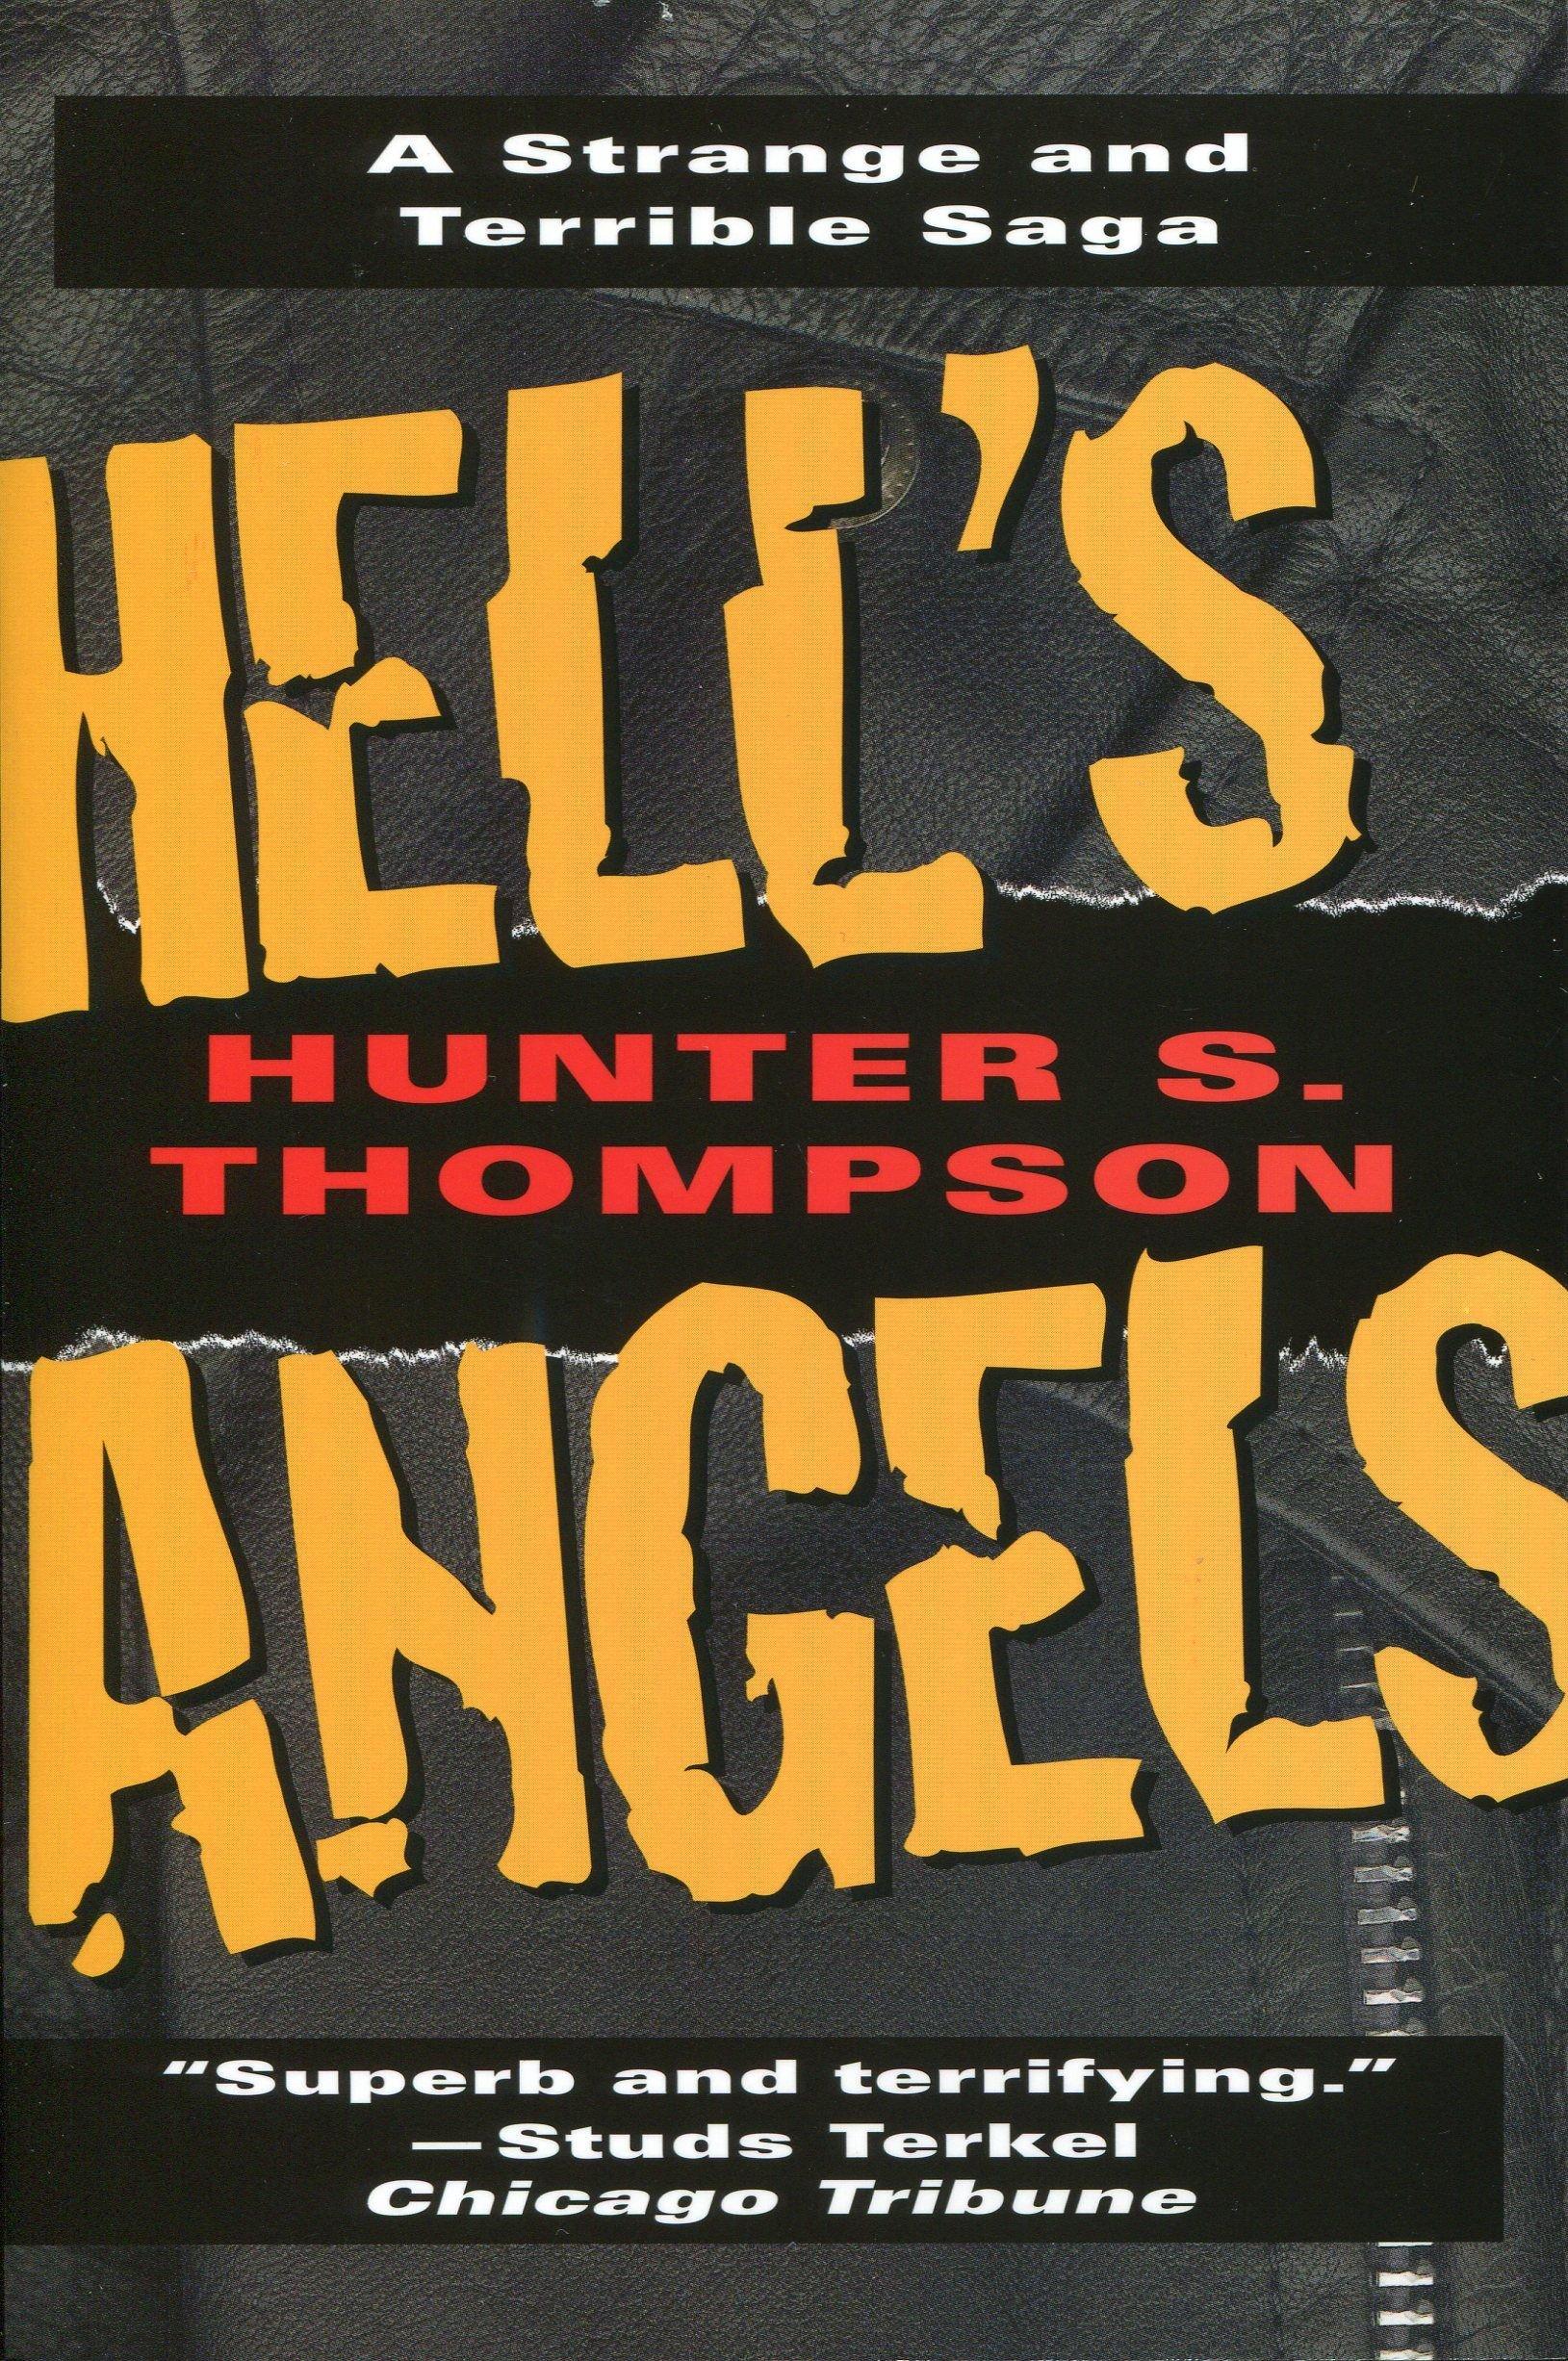 Hells Angels ISBN-13 9780345410085